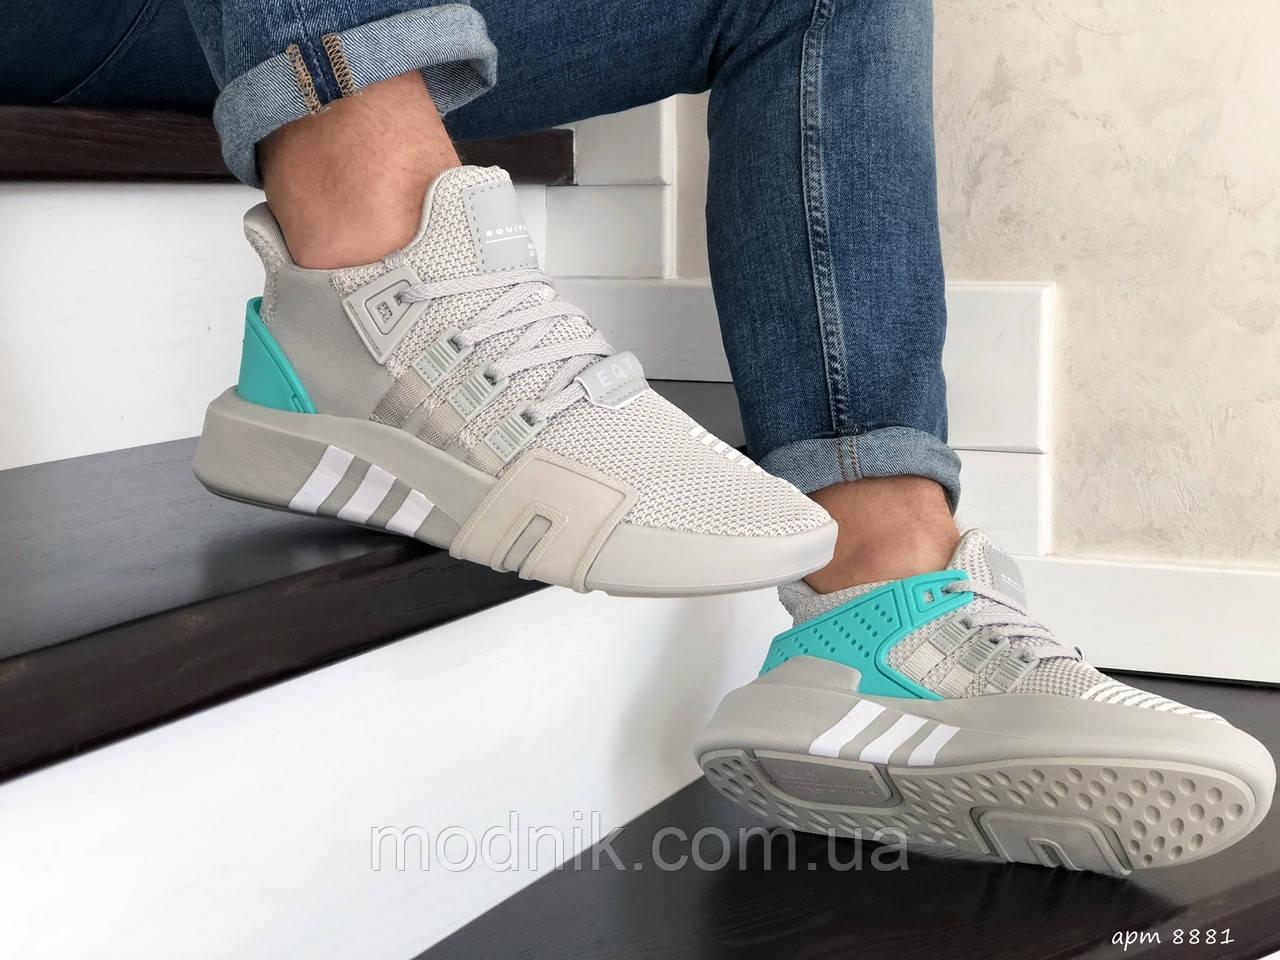 Мужские кроссовки Adidas Equipment adv 91-18 (светло-серые)